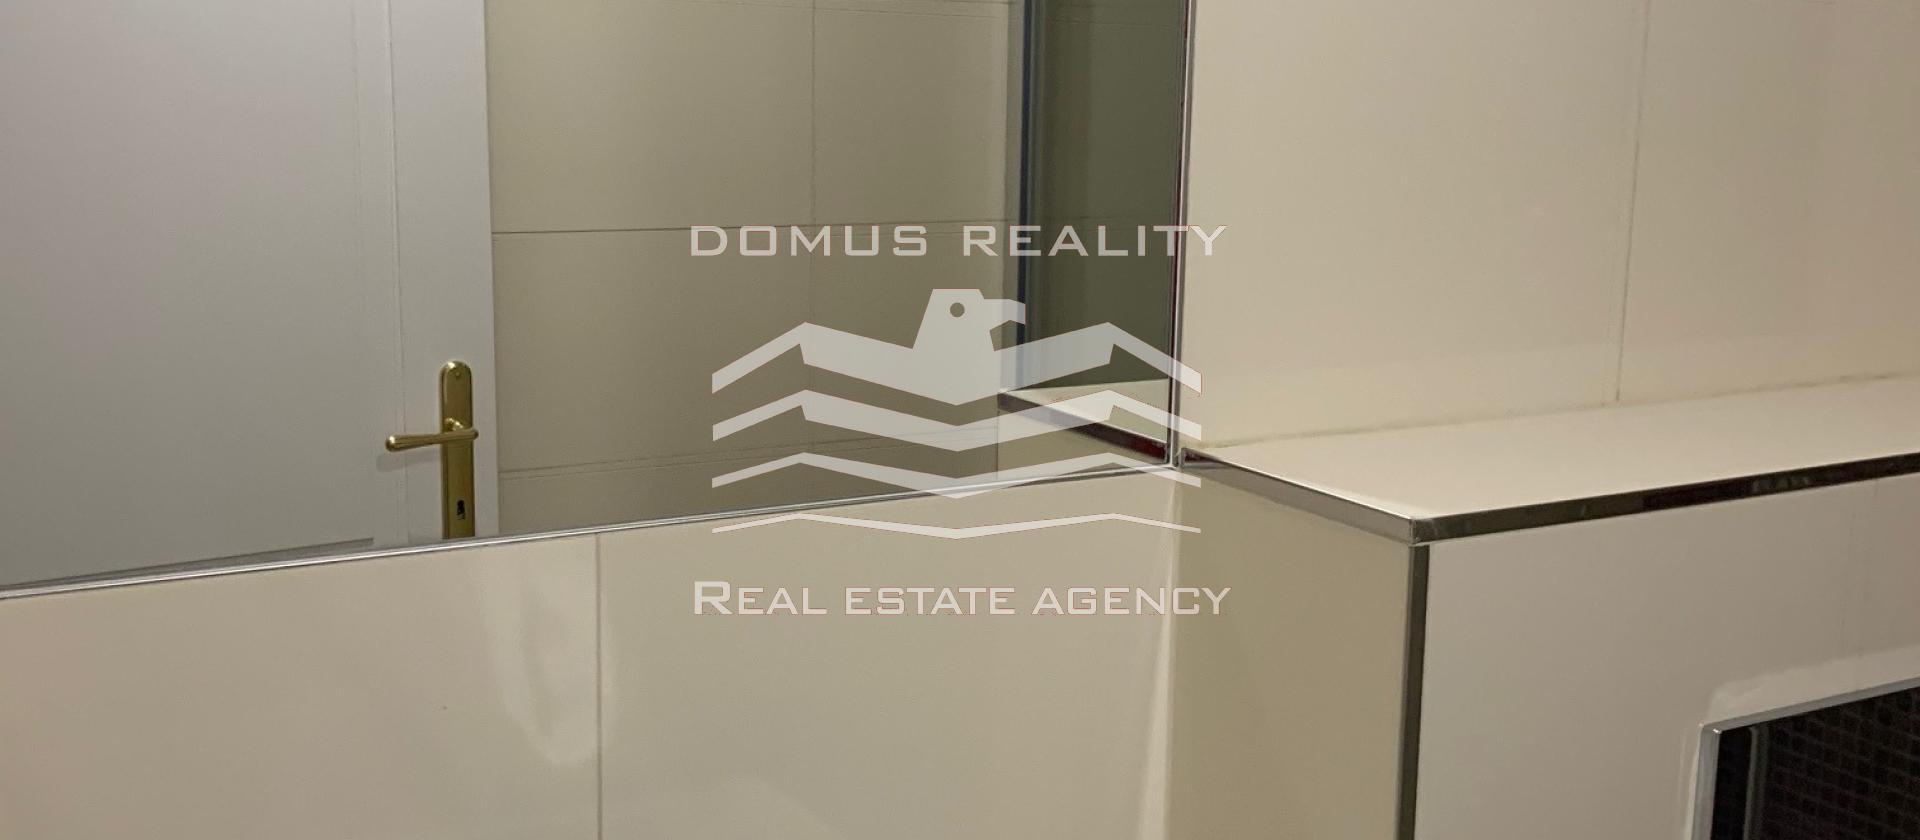 Nabízíme k pronájmu zrekonstruovaný a vybavený byt 1+kk, 26 m2 s velkou terasou 13 m2,